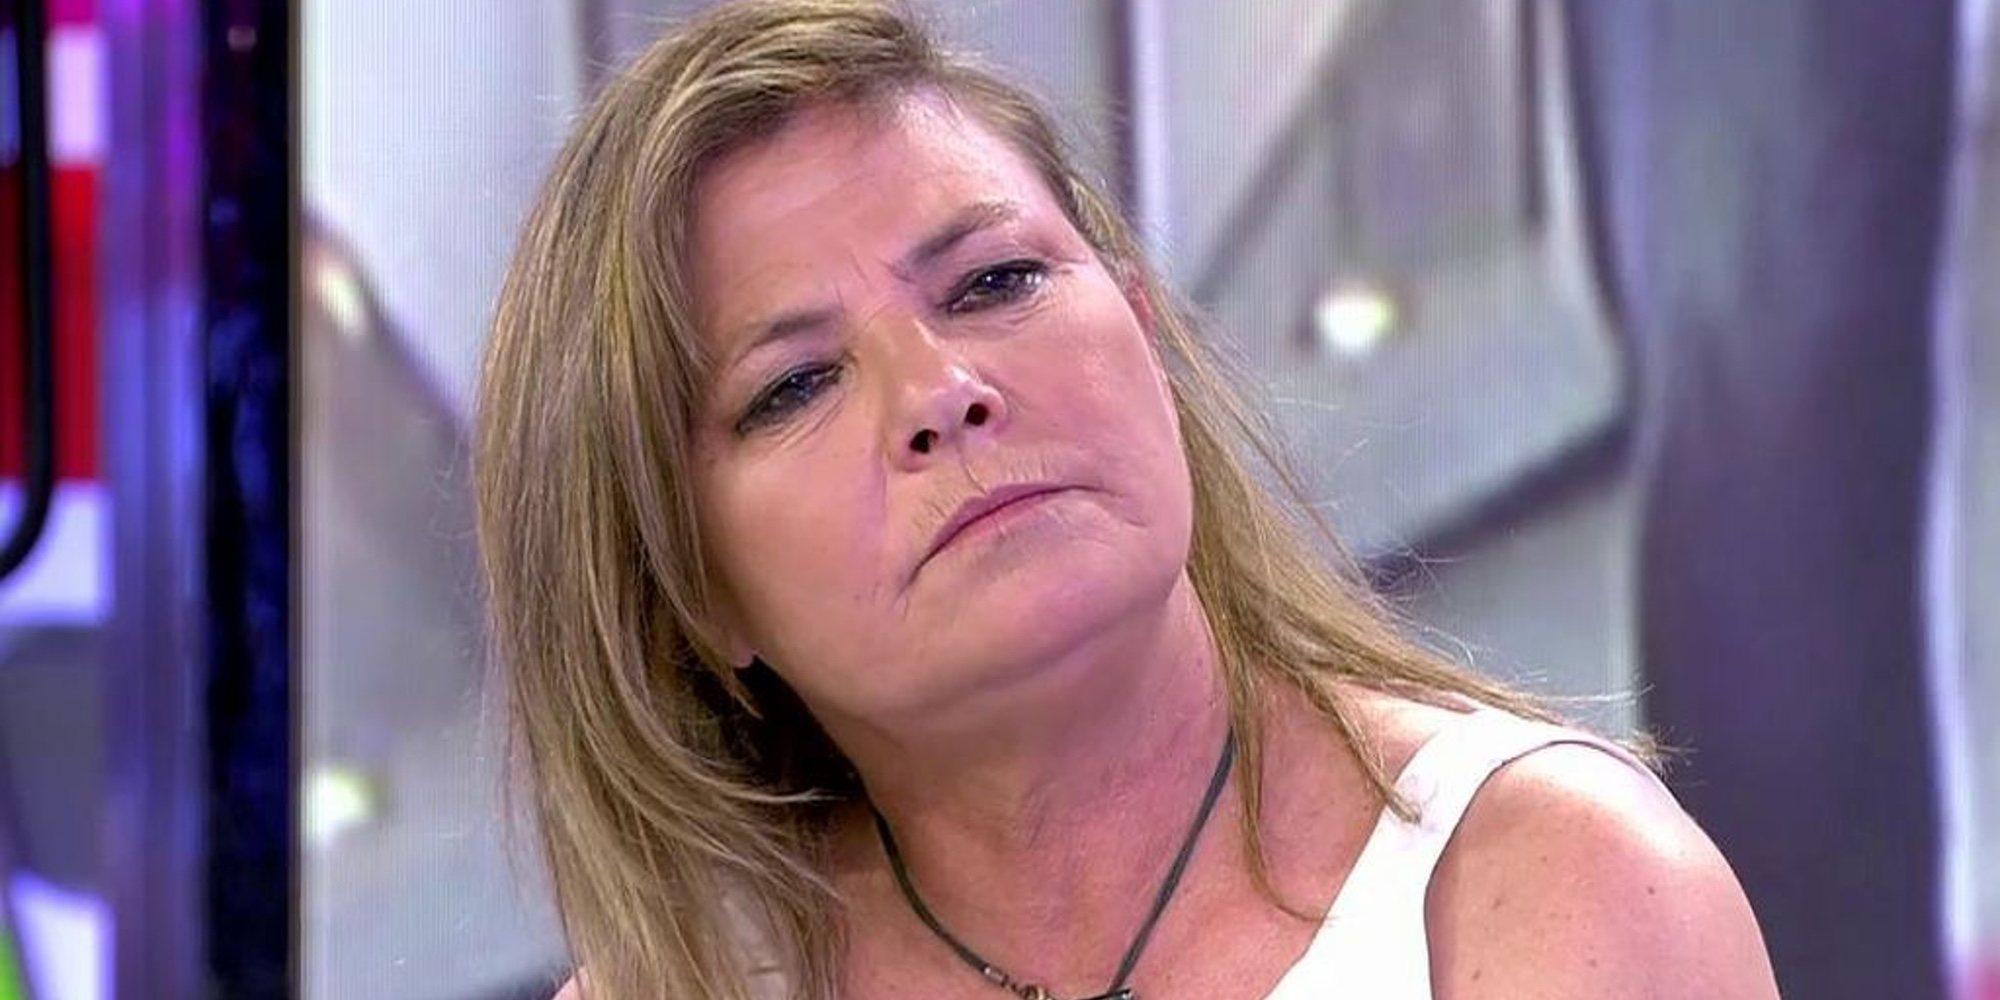 Muere la hermana de Leticia Sabater, Silvia Sabater, de forma repentina a los 57 años